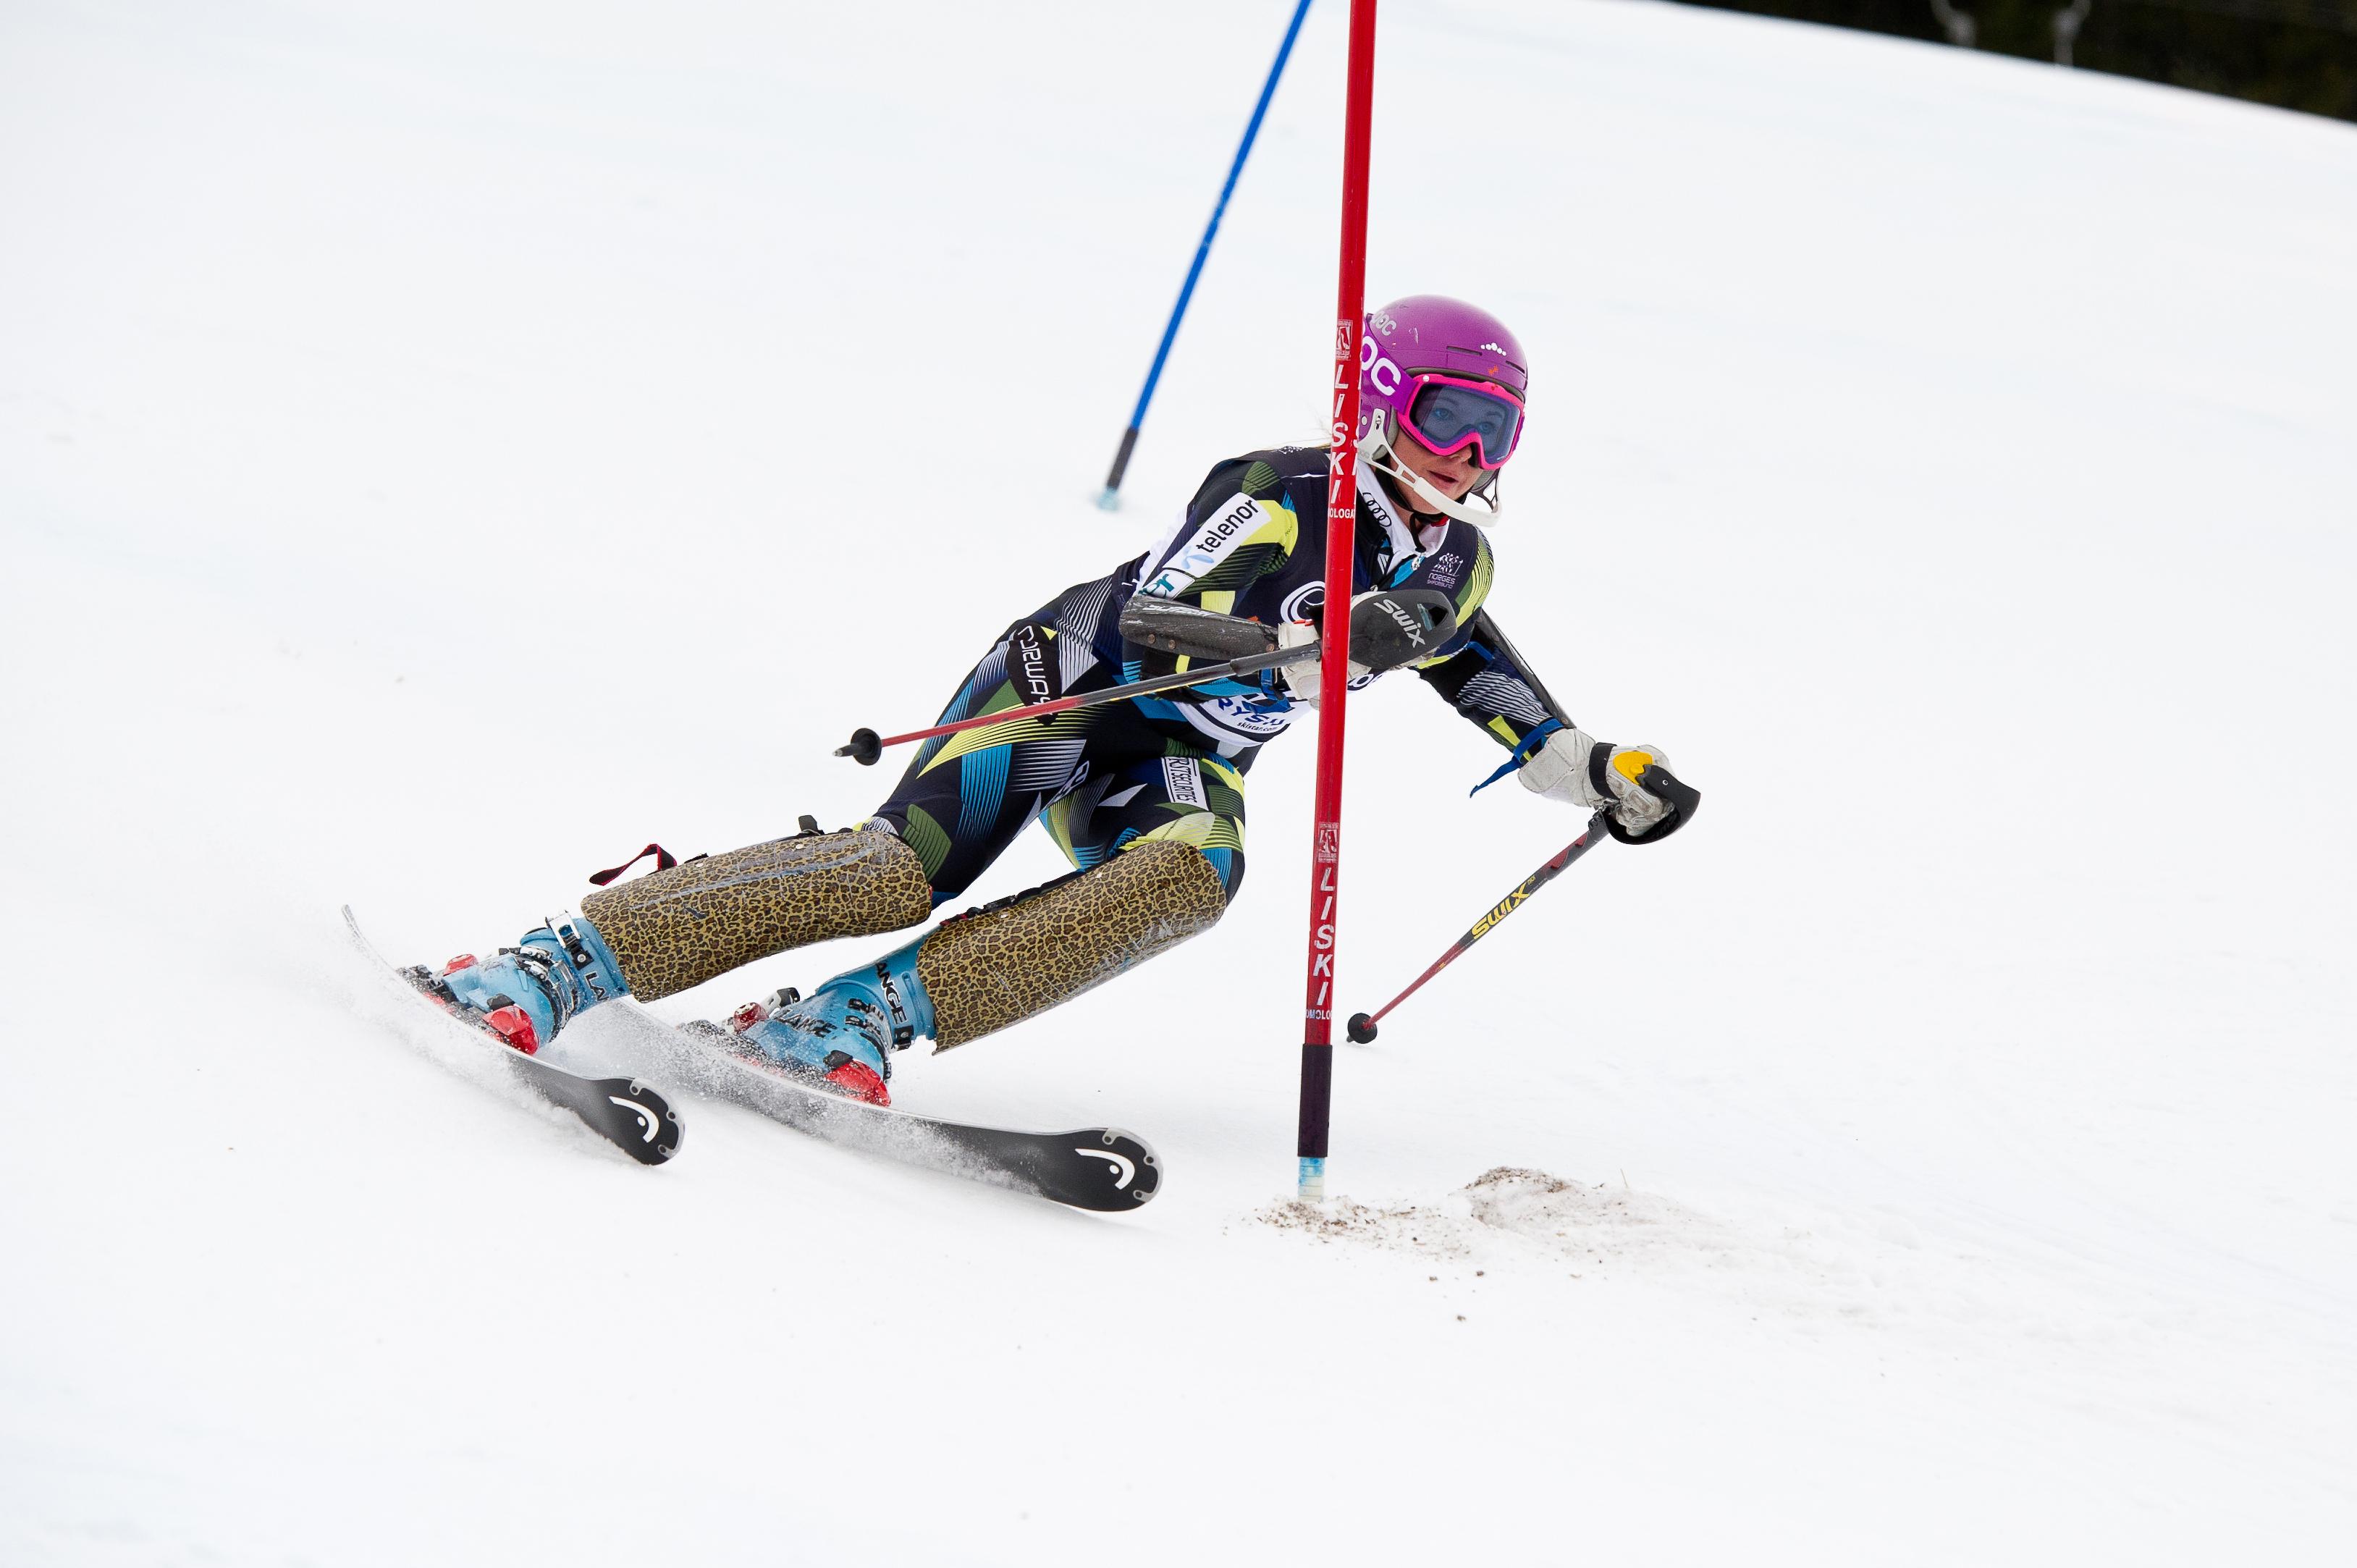 Ski Equipment: Alpine Ski Equipment